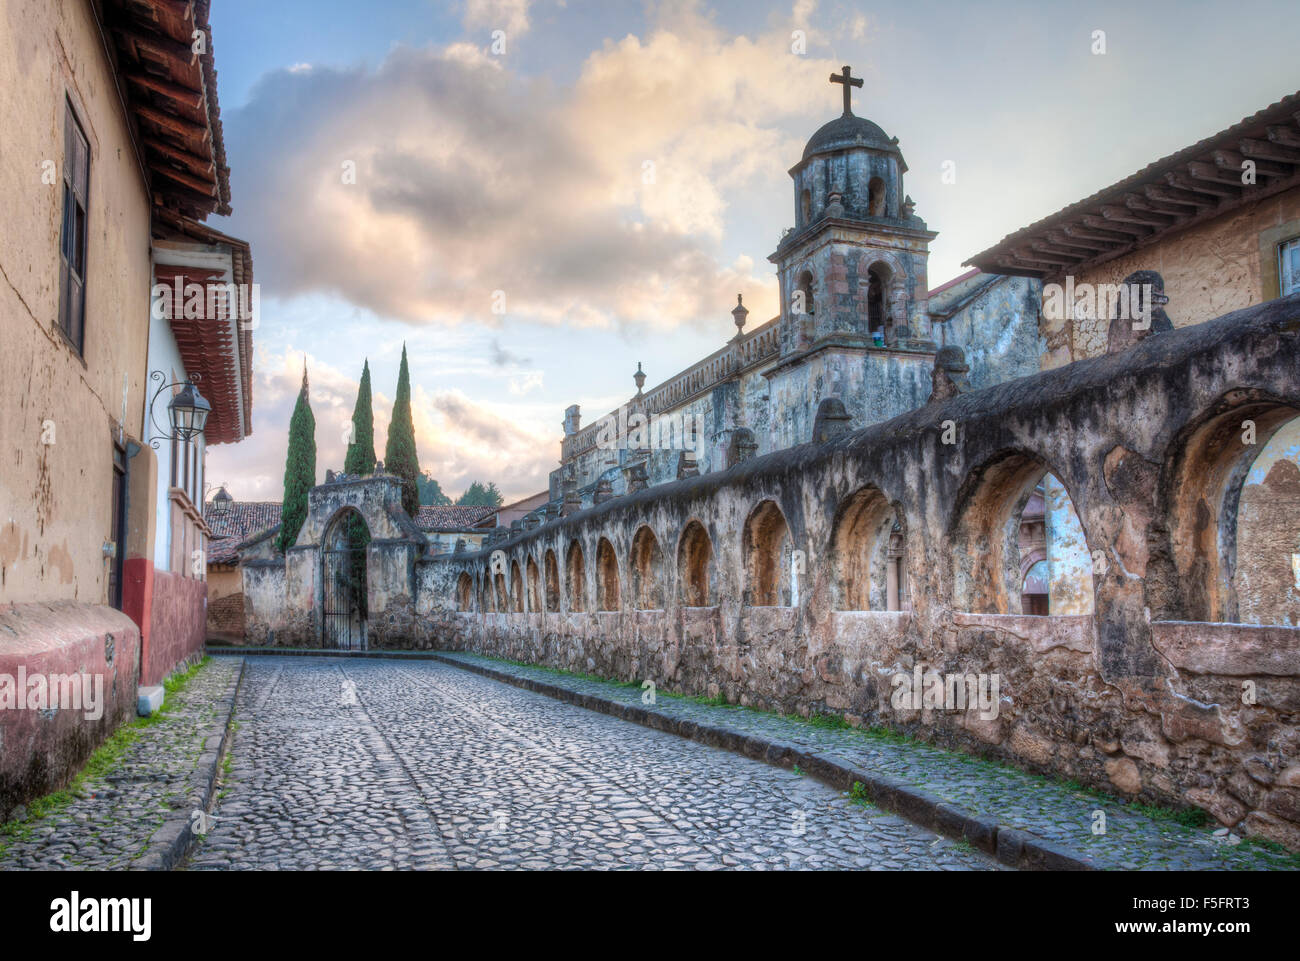 Cobblestone street in the colonial village of Patzcuaro, Michoacan, Mexico. Stock Photo